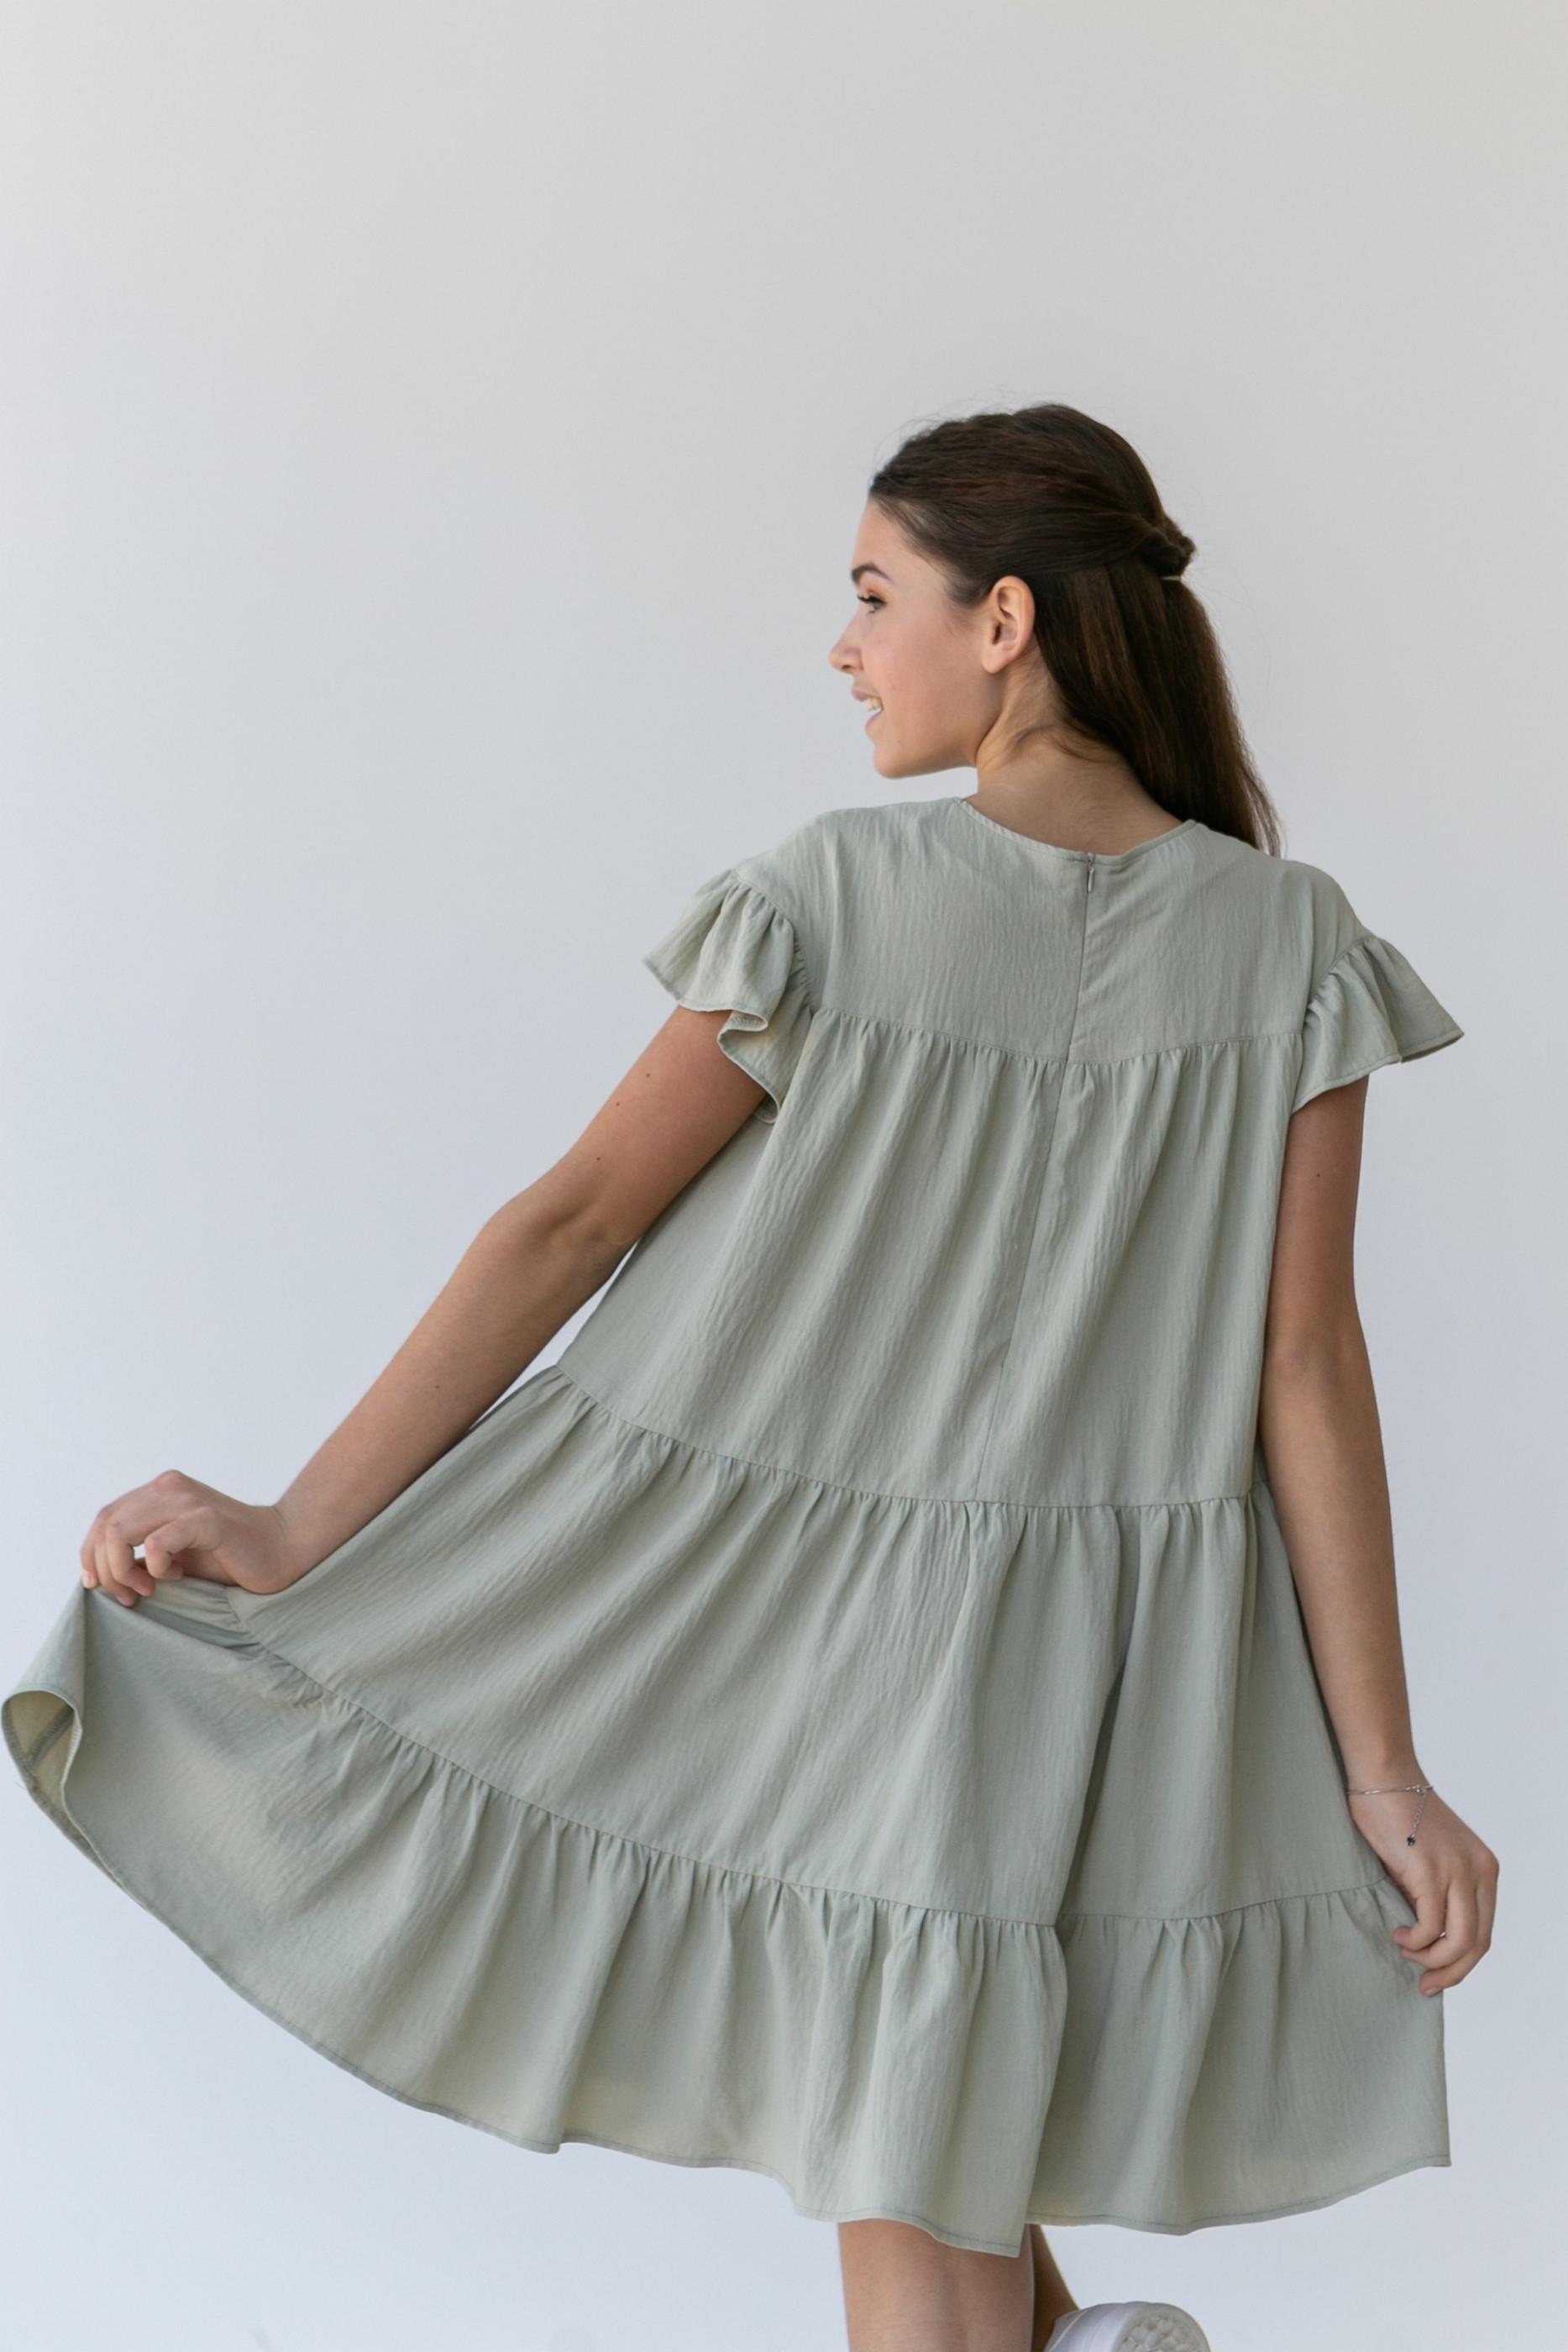 Плаття Емілія, фото №3